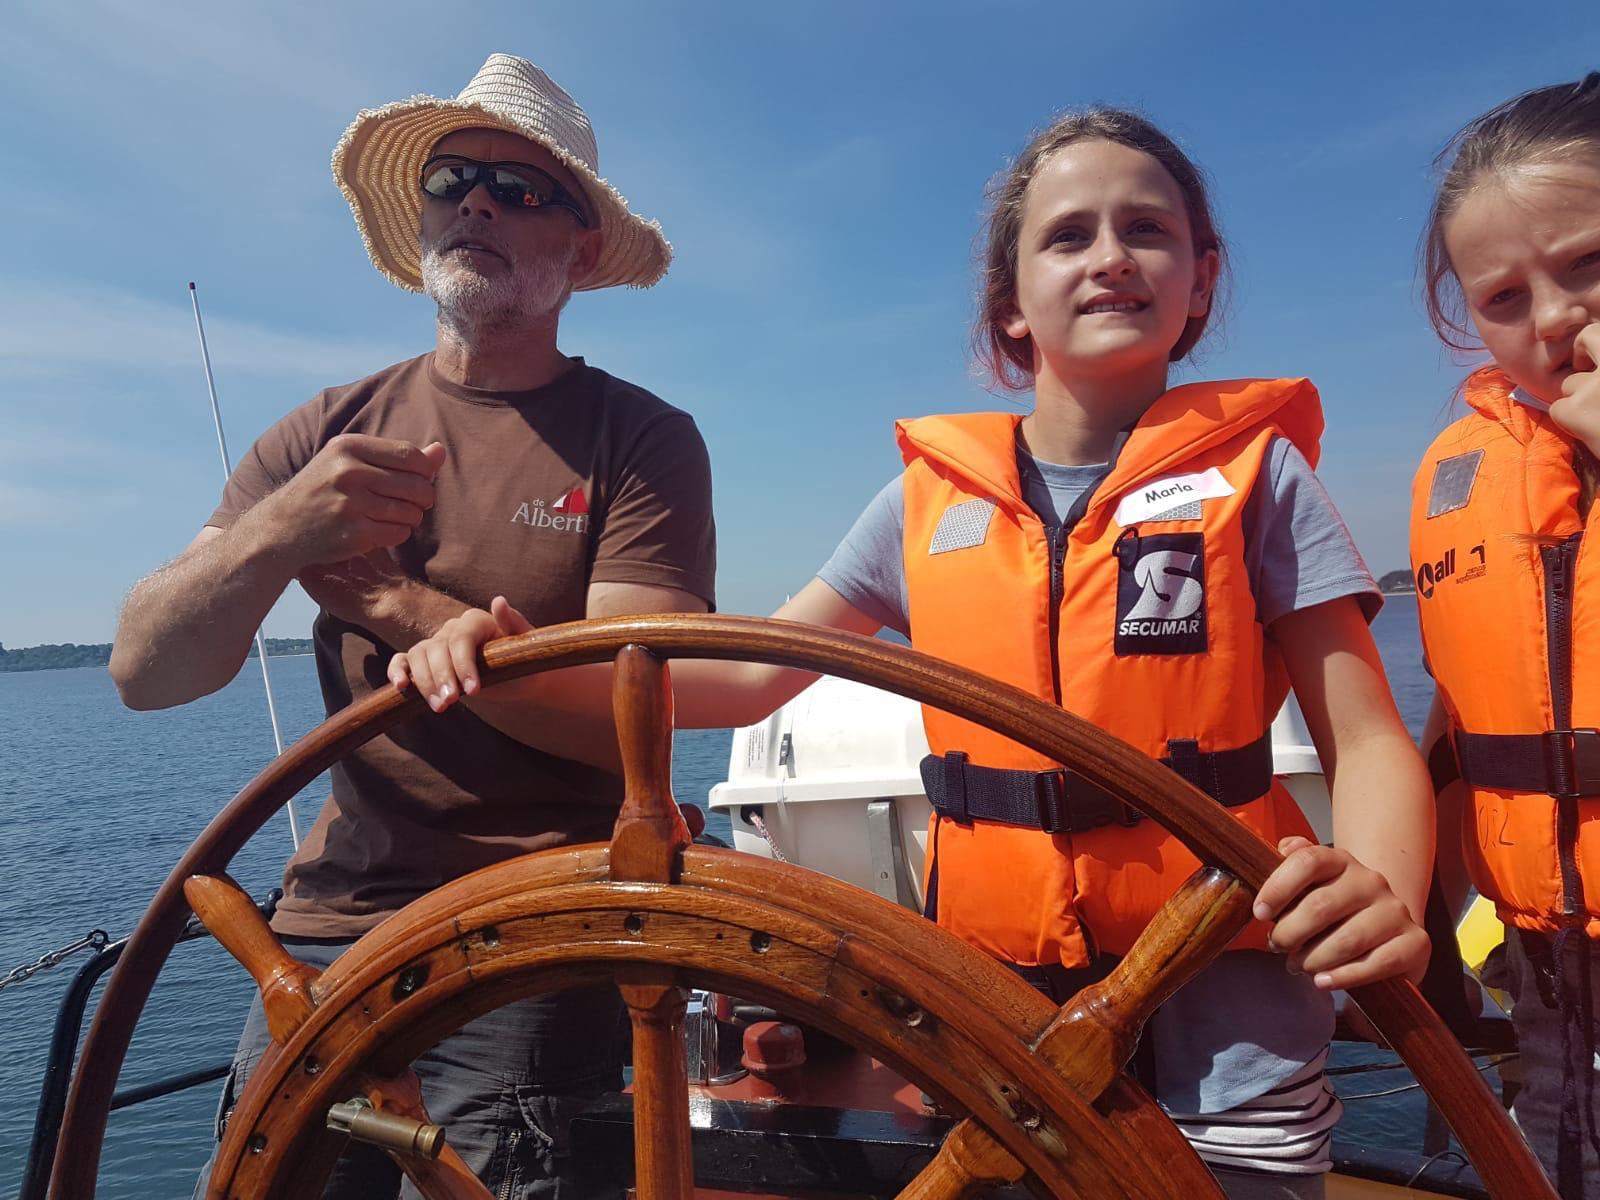 Auch Marla mit ihrer Assistentin lässt sich vom Skipper Dick zeigen, wie man die gute, alte Dame DE ALBERTHA sicher auf Kurs hält.